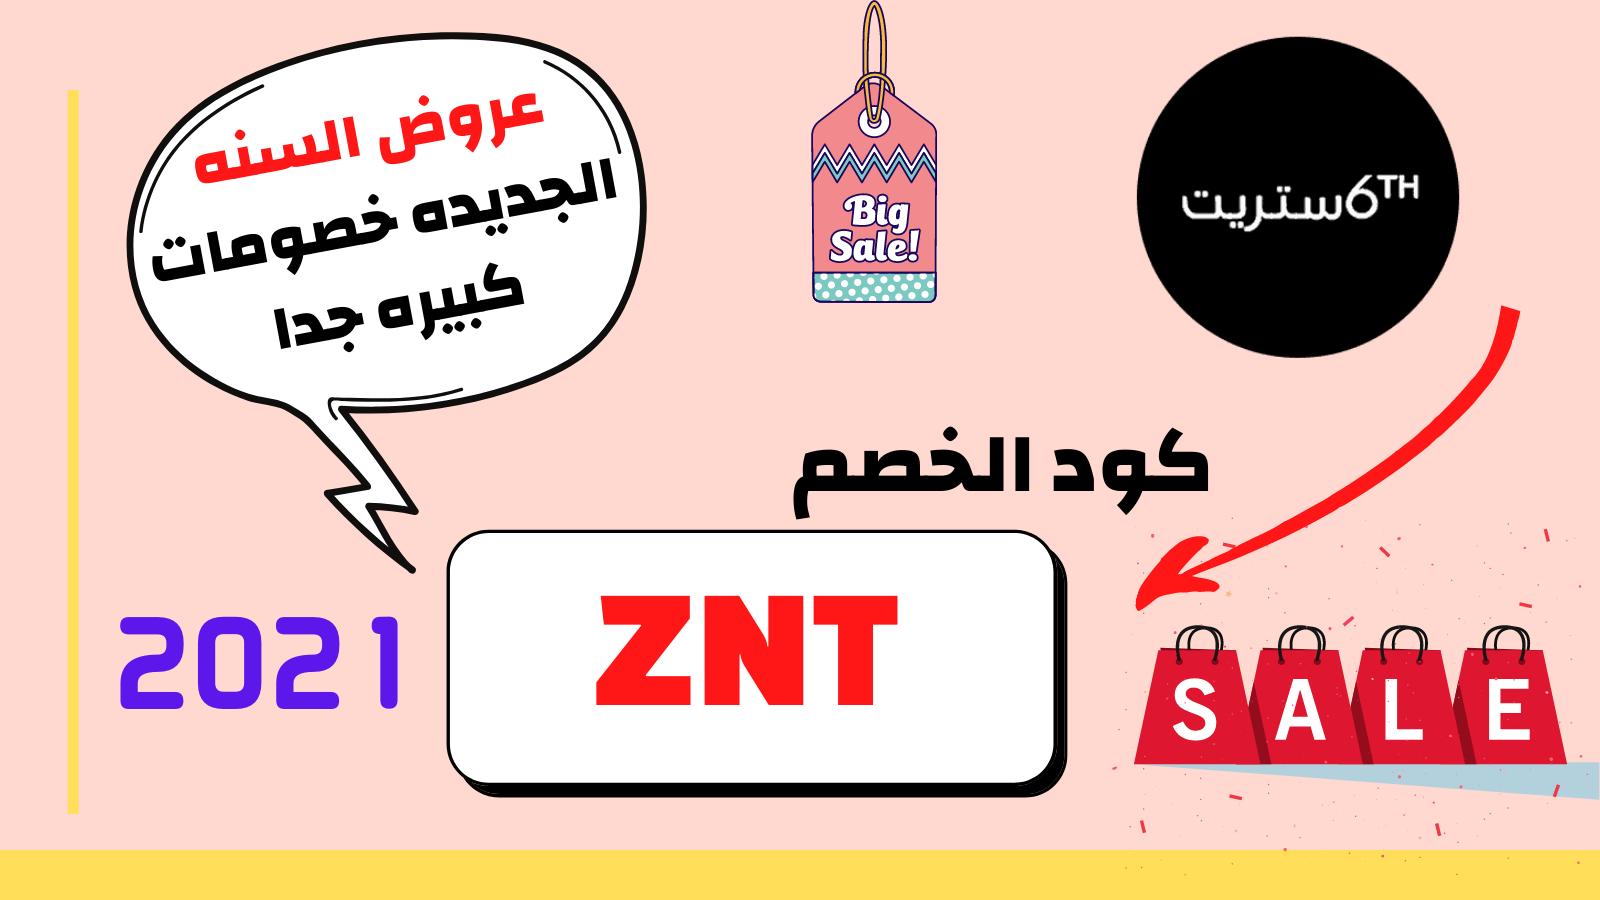 كود خصم 6 ستريت كود خصم 6 ستريت كوبون خصم فعال استخدمه الان للحصول علي خصم اضافي عند التسوق من 6 ستريت كود الخصم Znt In 2021 Danger Sign Signs